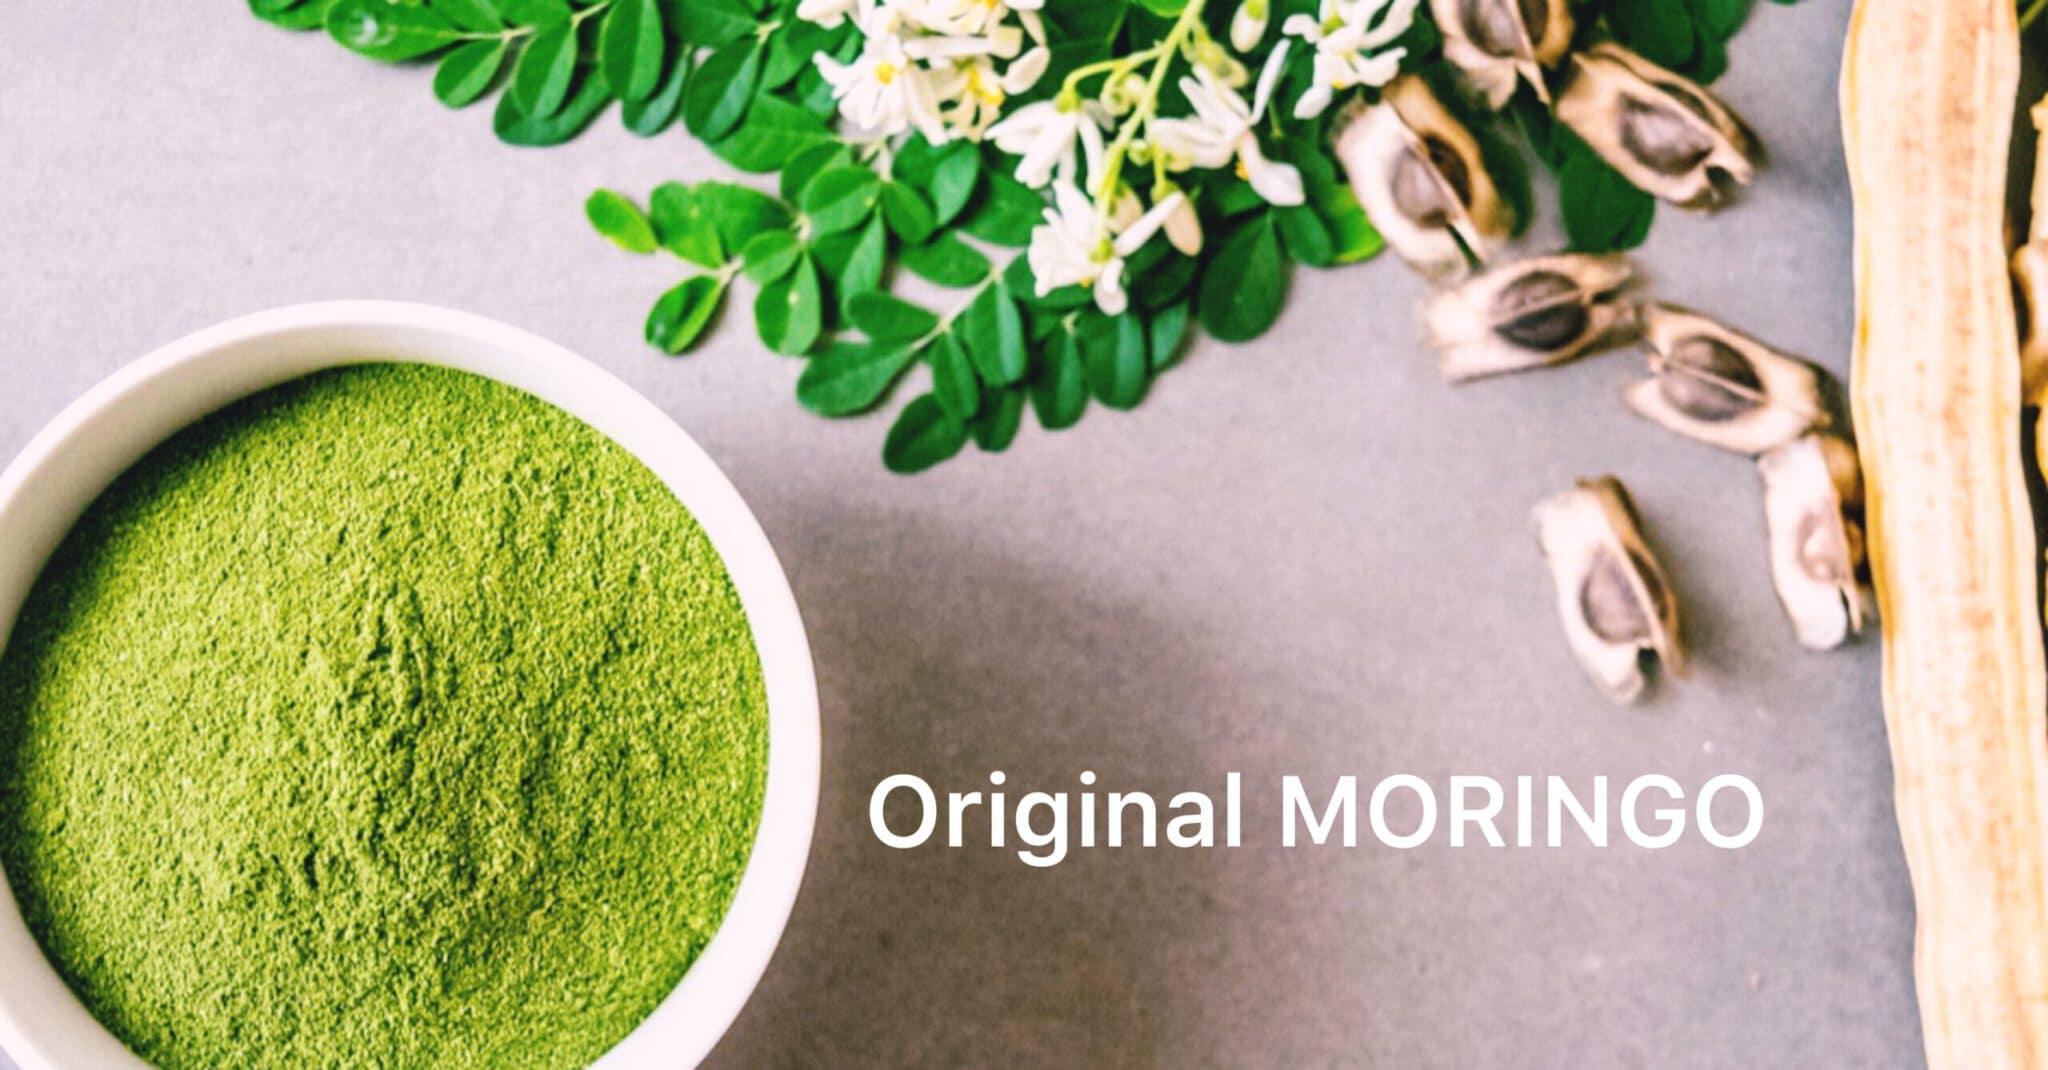 Original Moringo